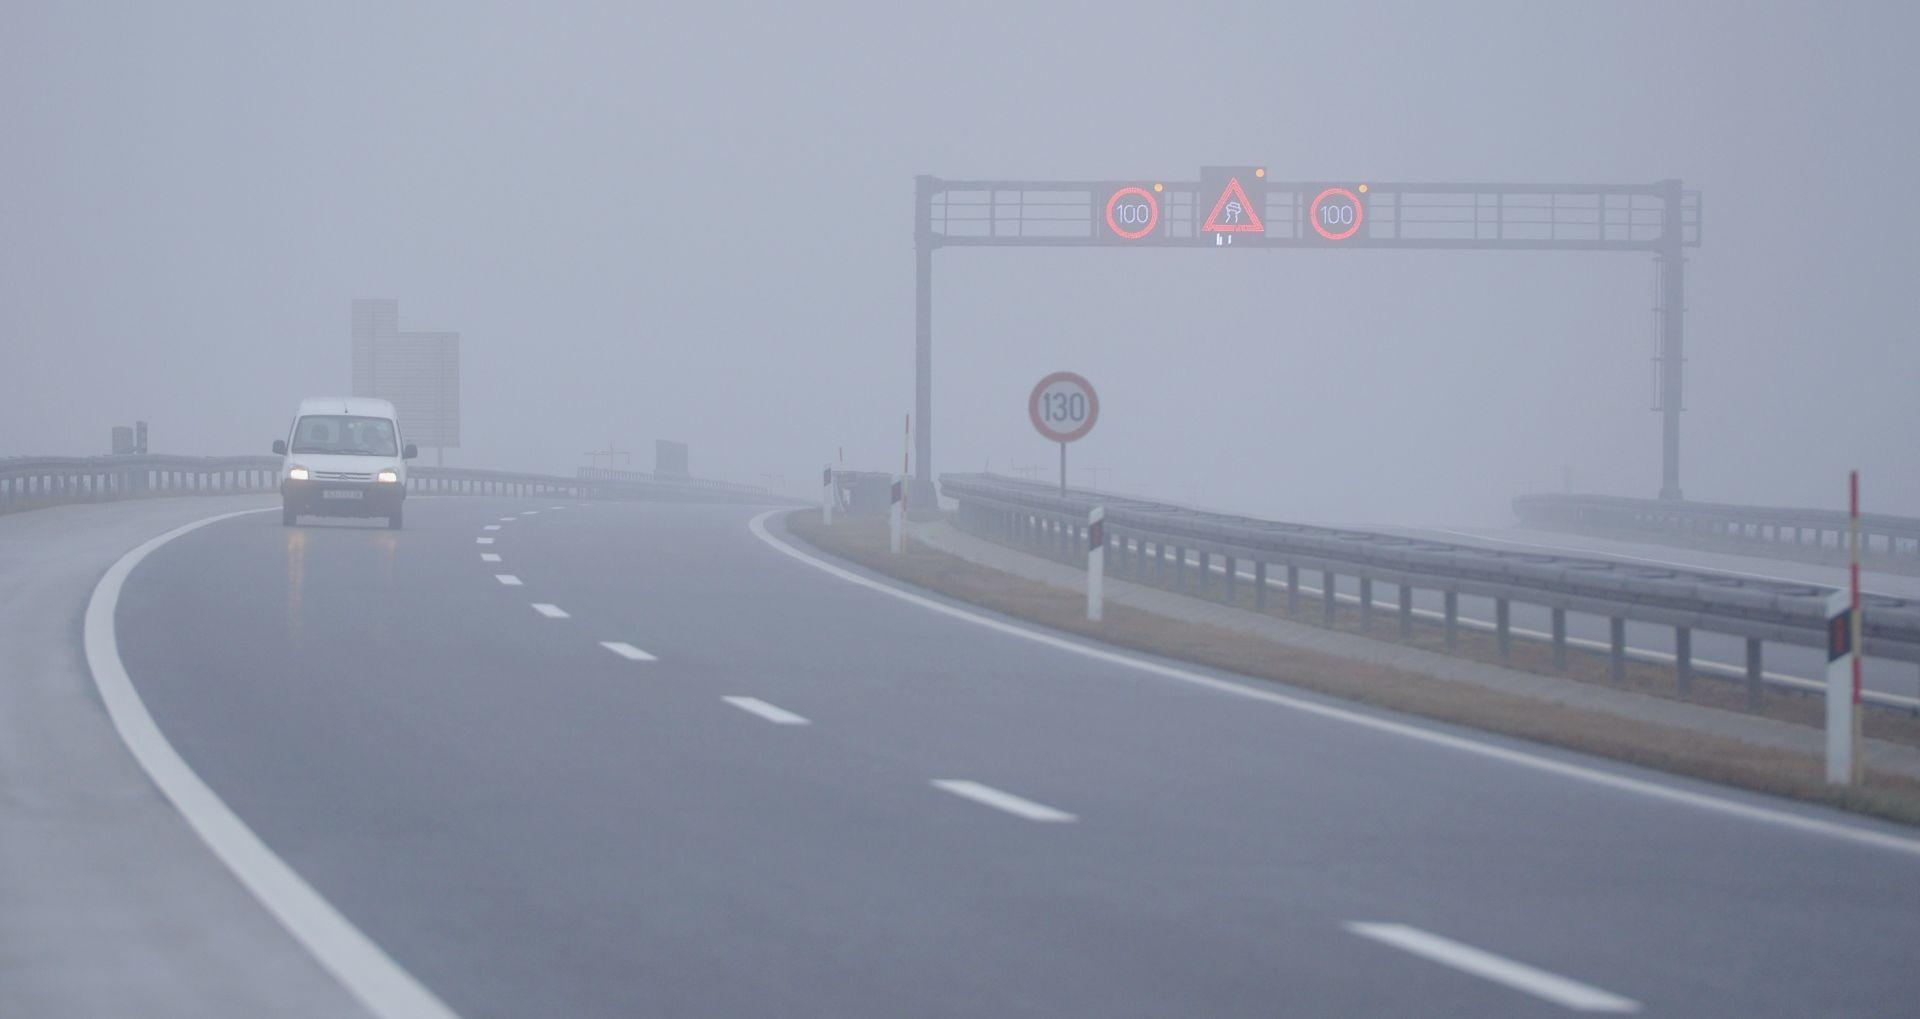 HAK Kolnici skliski i mokri, jak vjetar na A6, magla smanjuje vidljivost